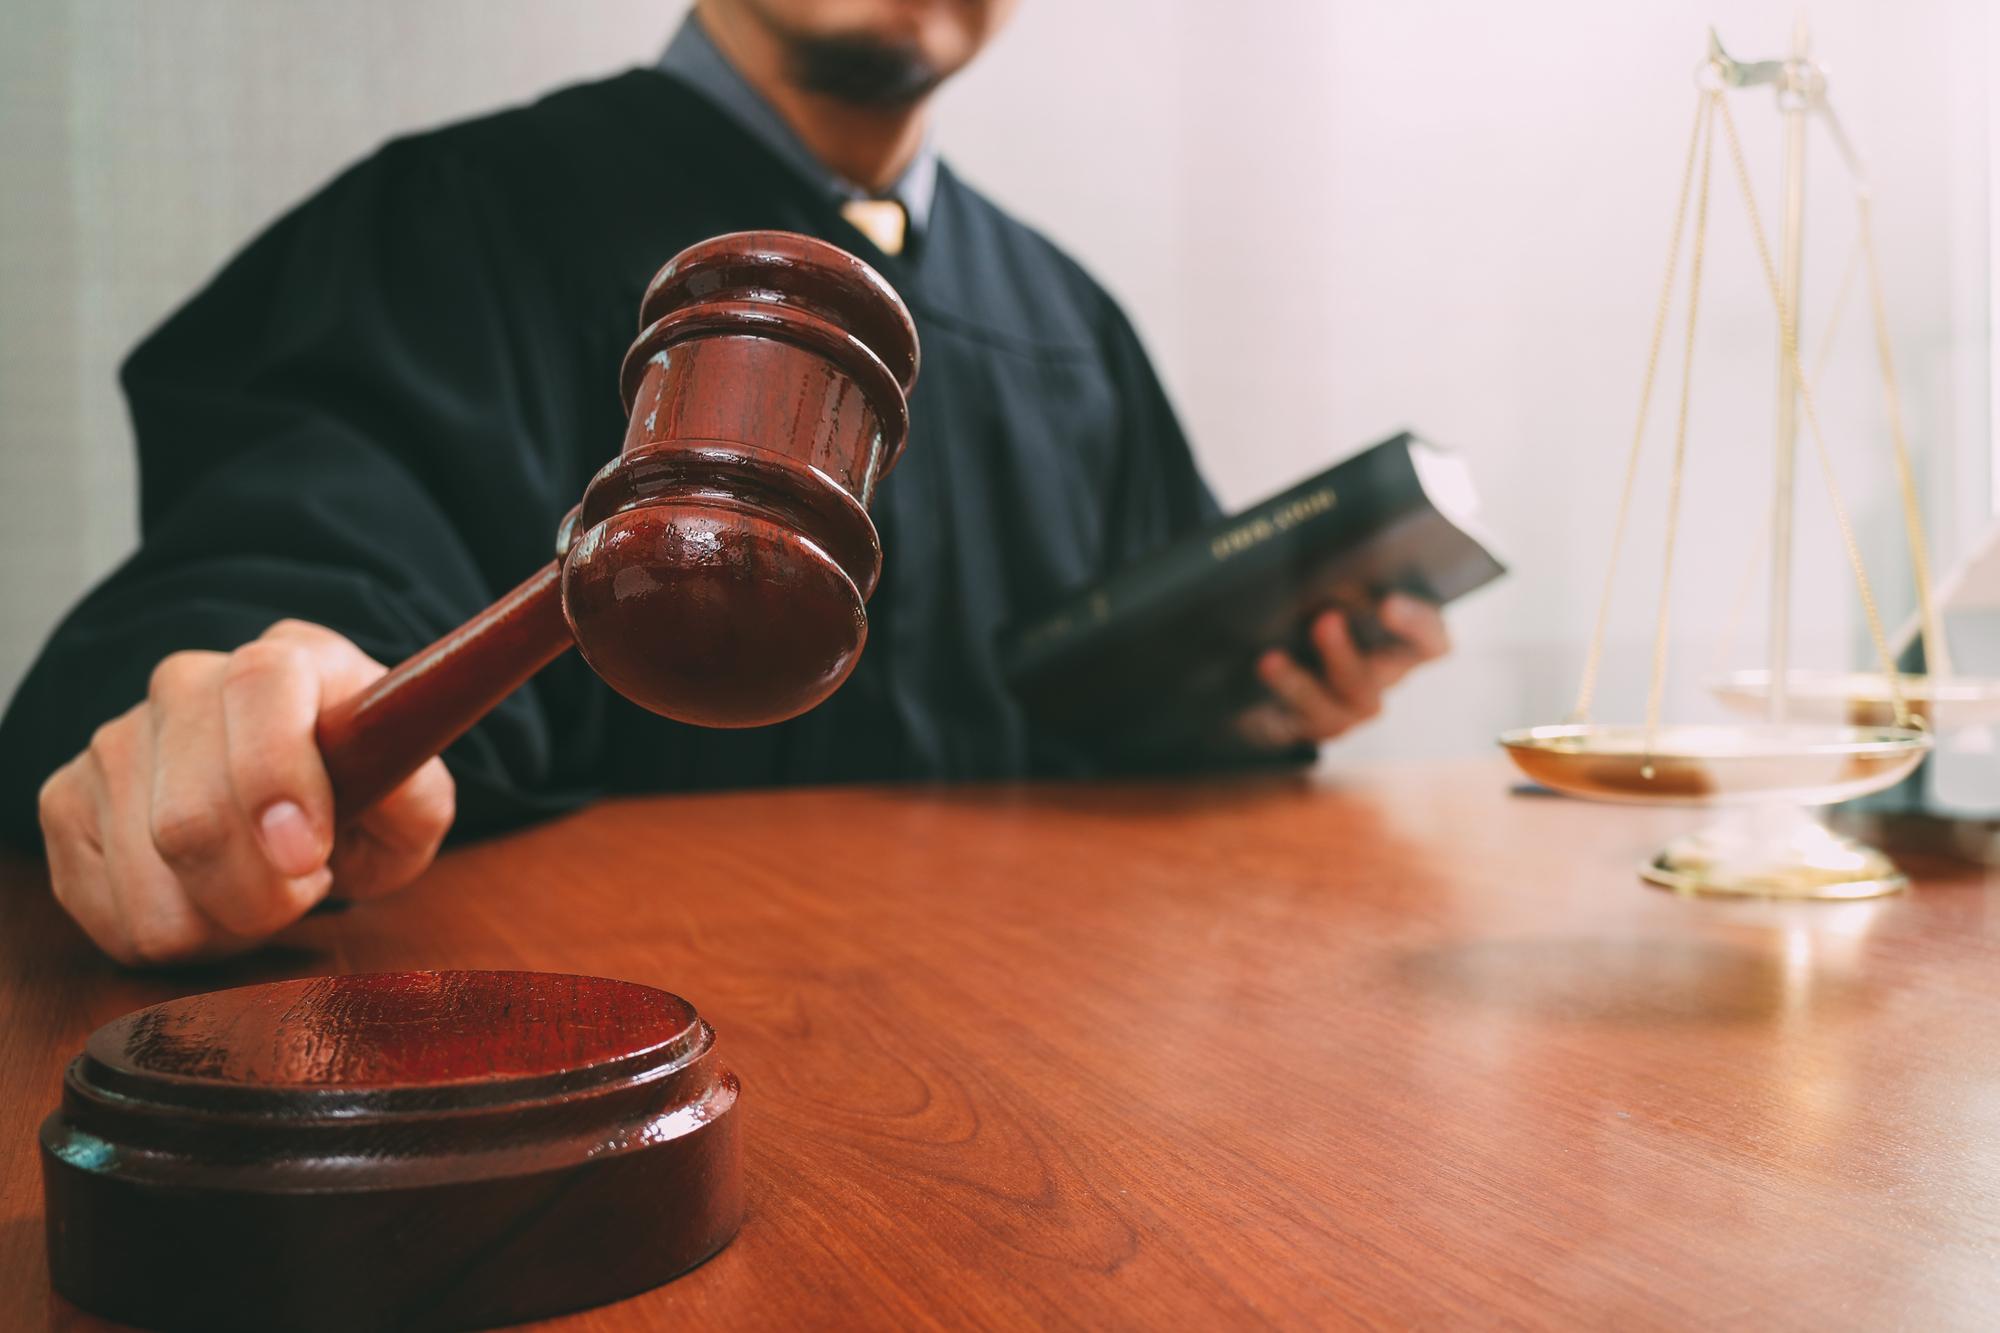 Сотрудника ЧОО в Удмуртии осудили за хранение огнестрельного оружия и оскорбление полицейского